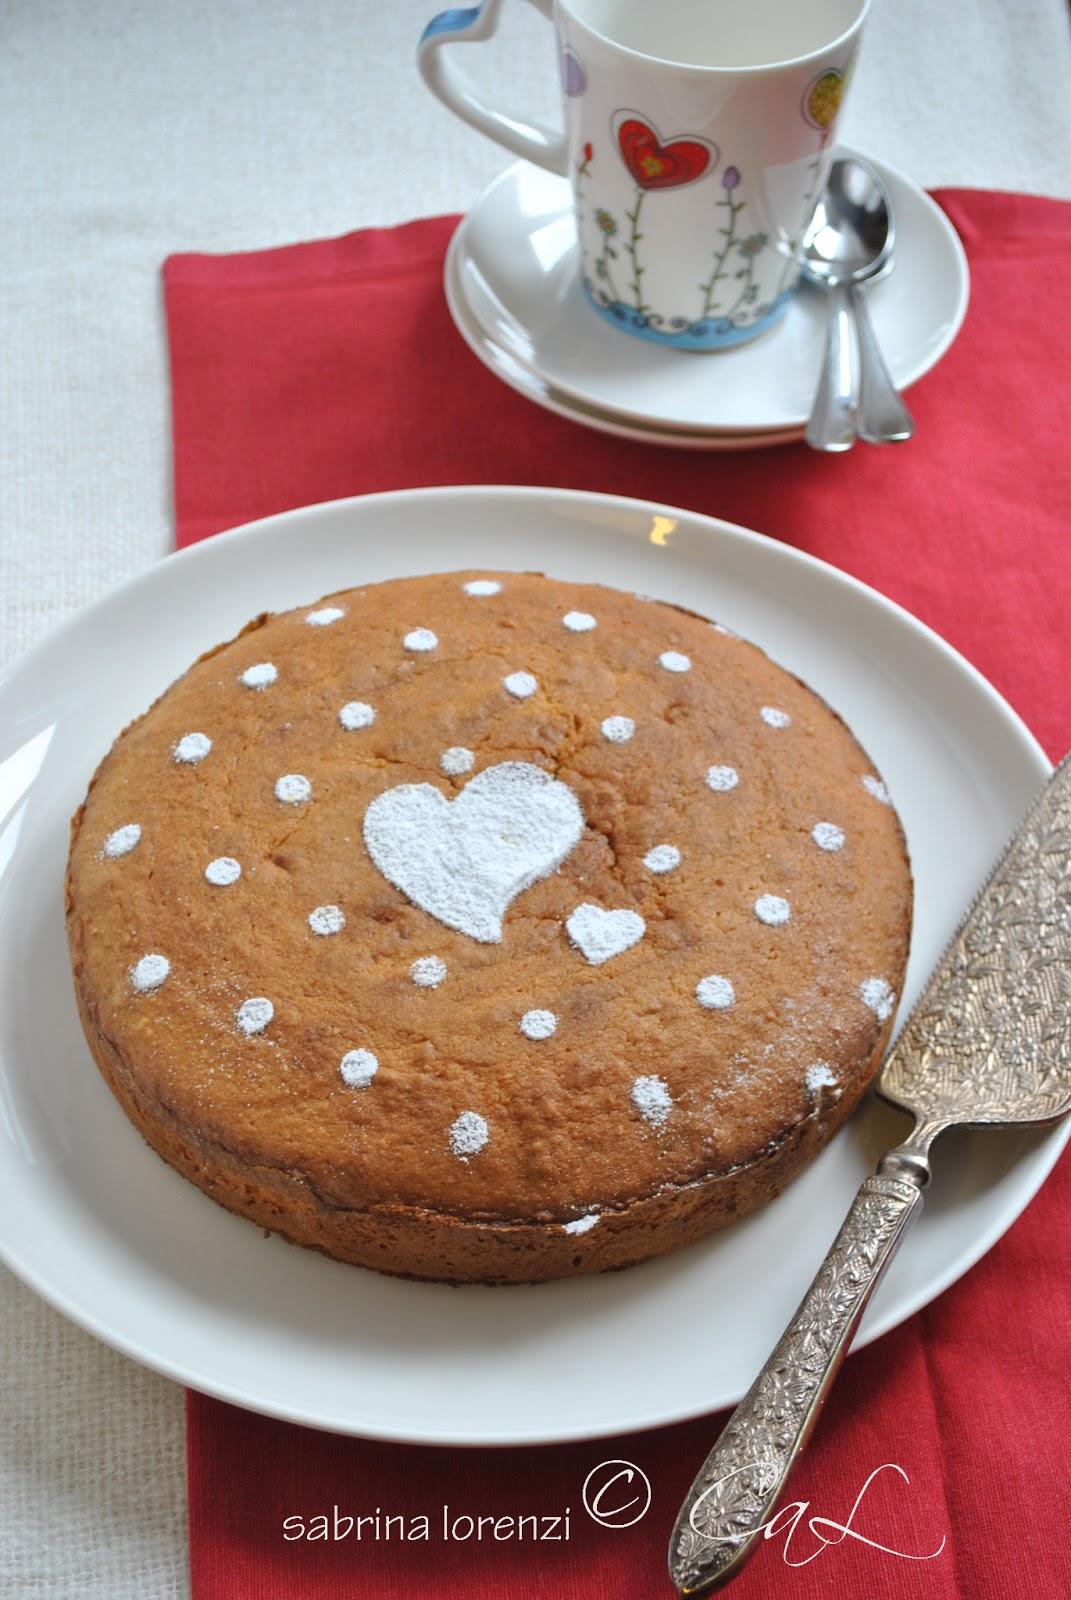 Disegno la cucina del corriere : Torta soffice con marmellata di bucce d'arancia per festeggiare ...